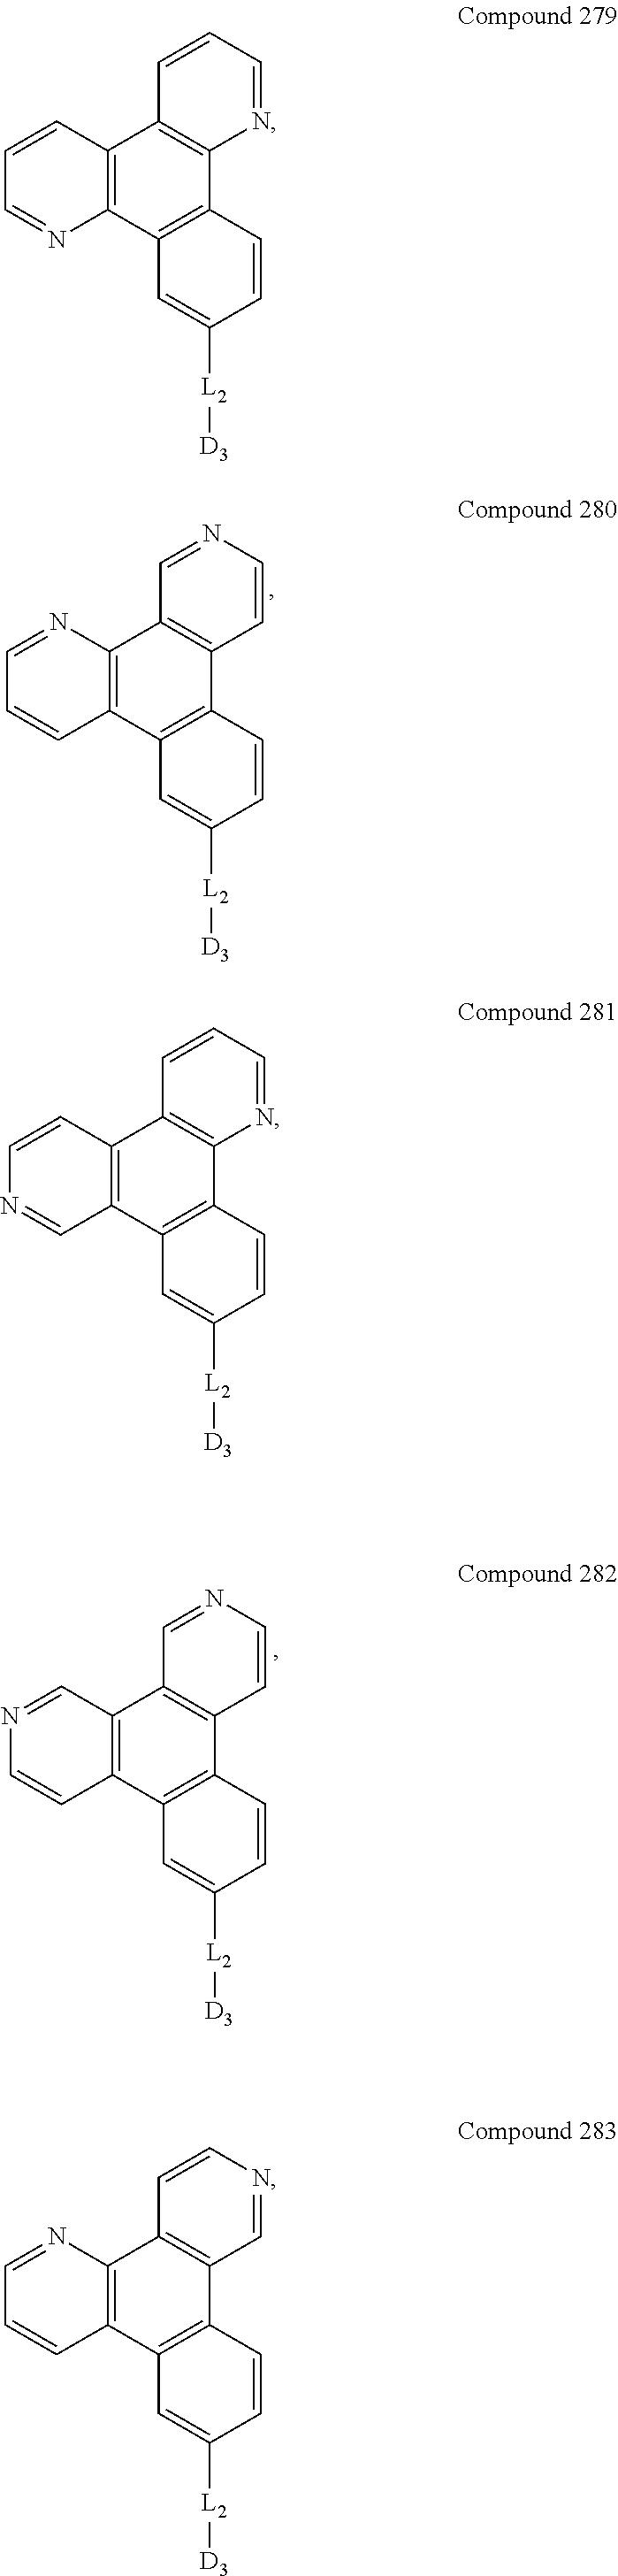 Figure US09537106-20170103-C00627